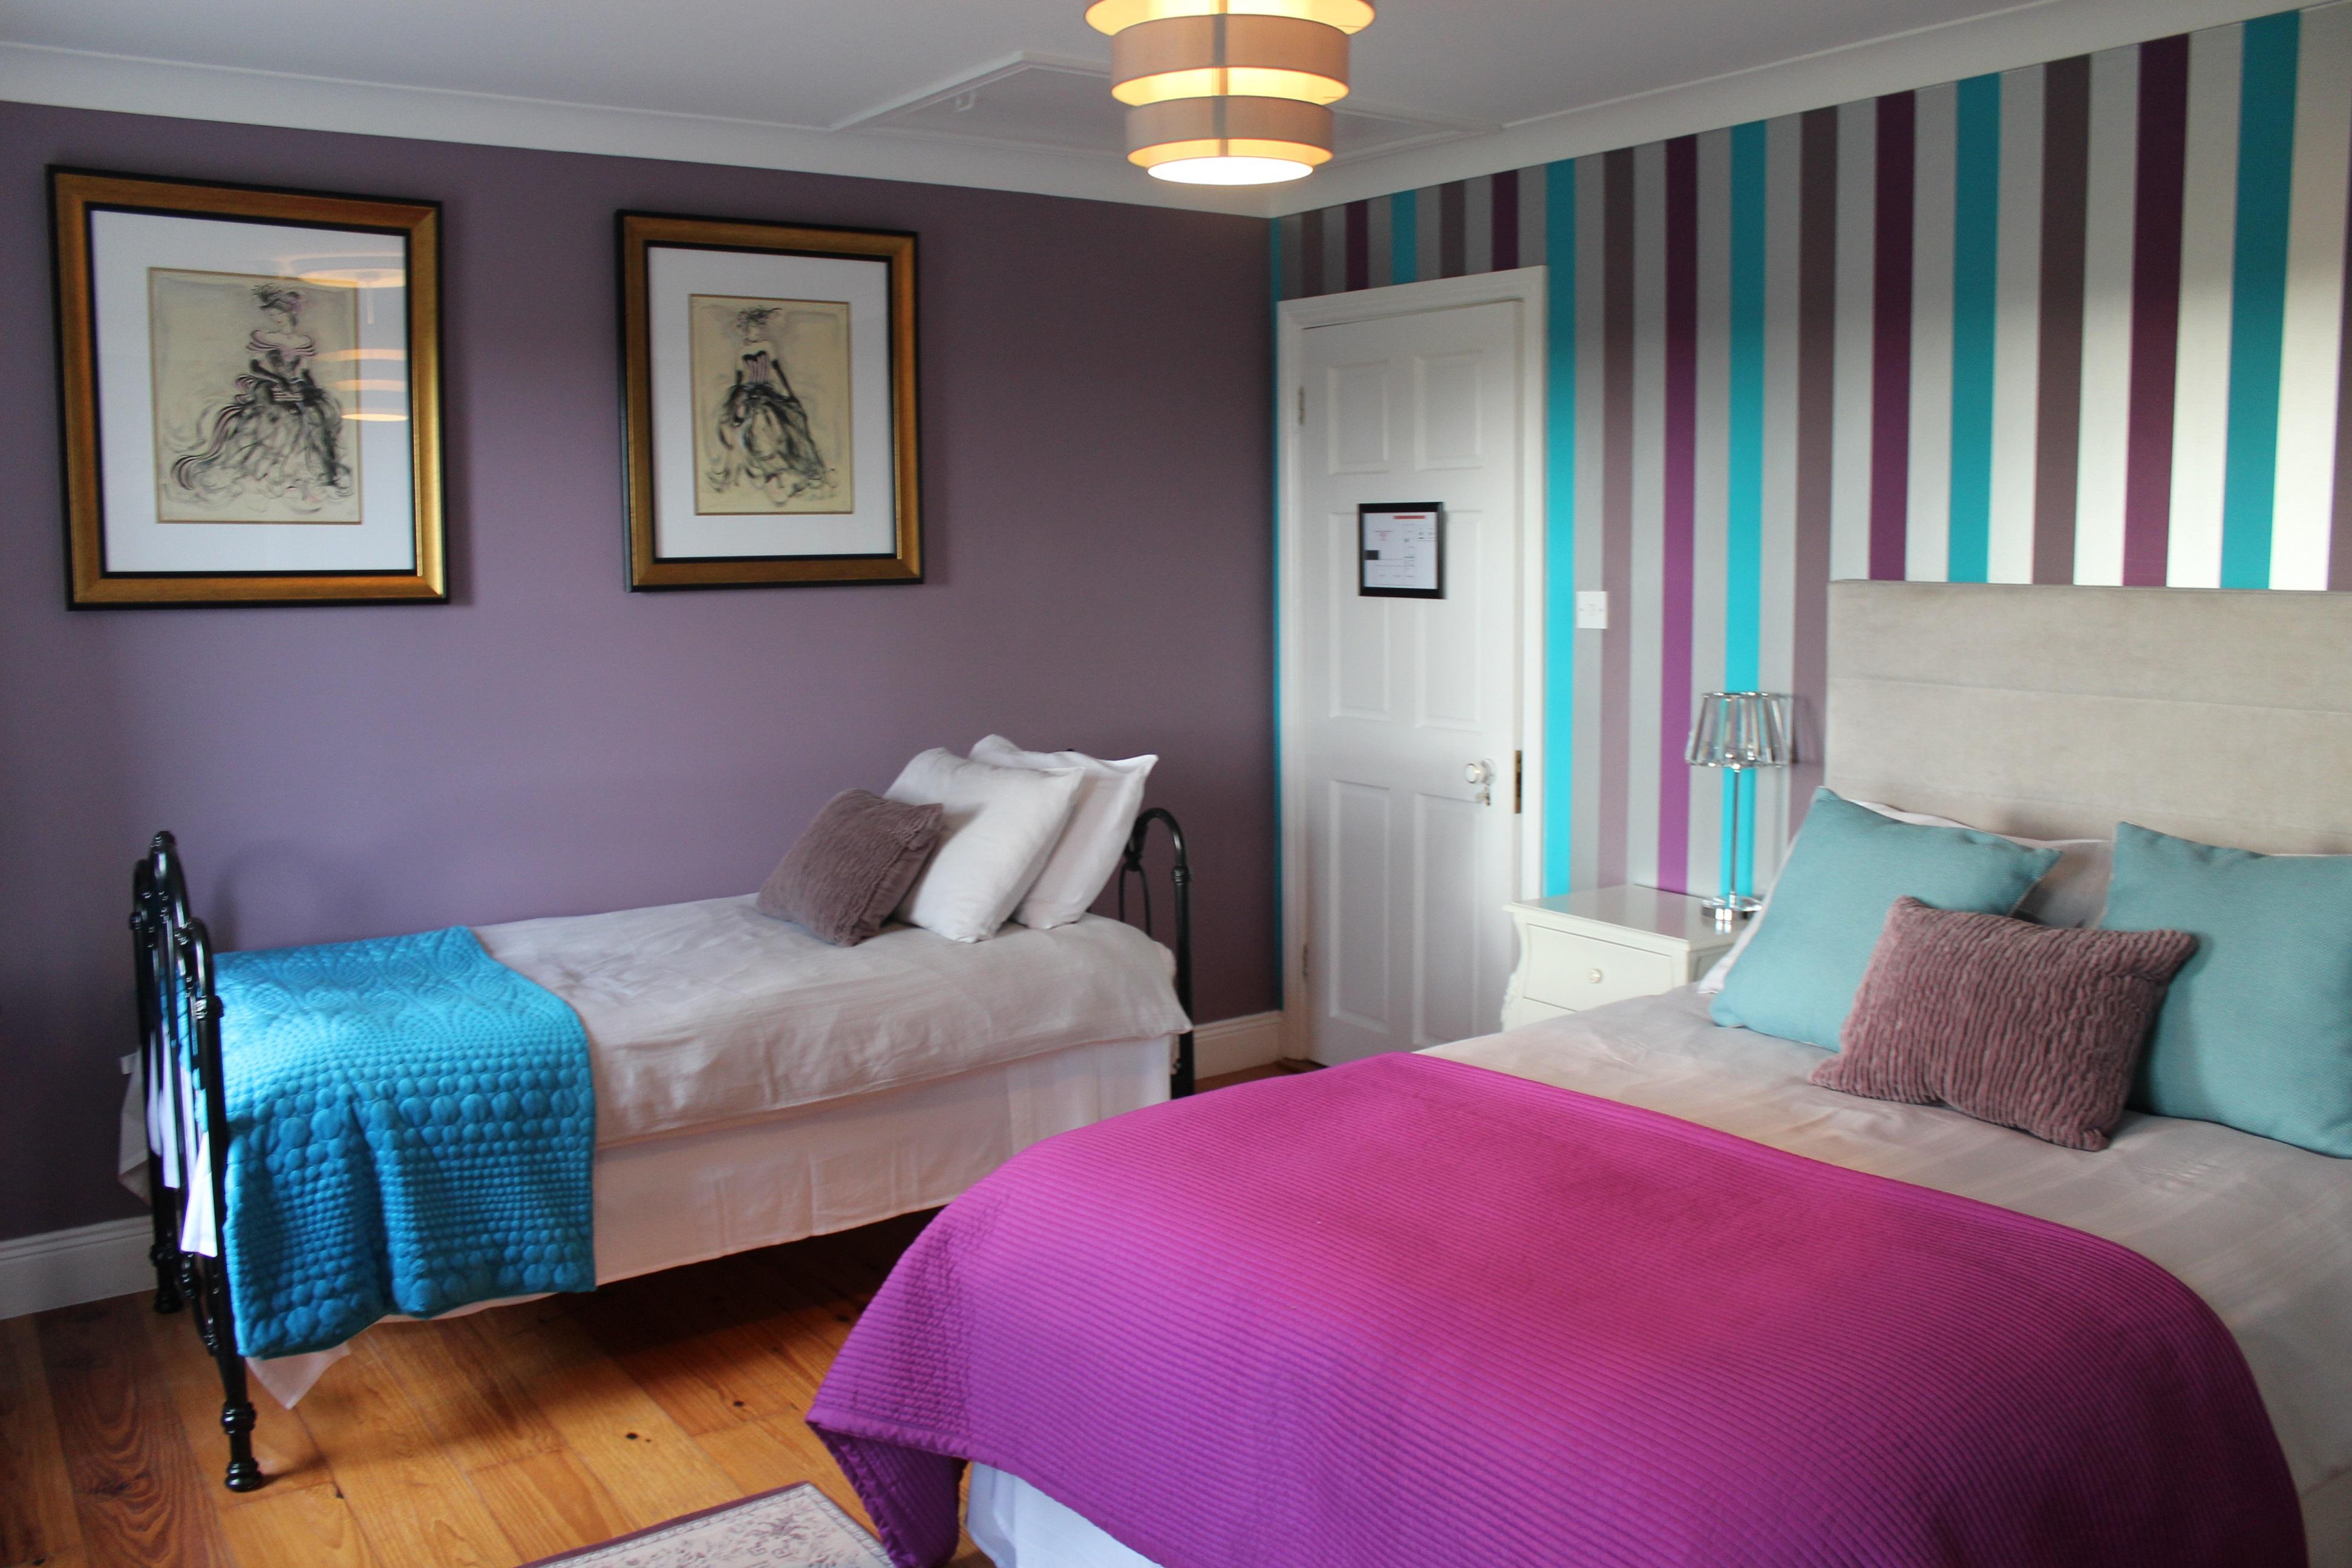 Rhiannons Room, Boyne View